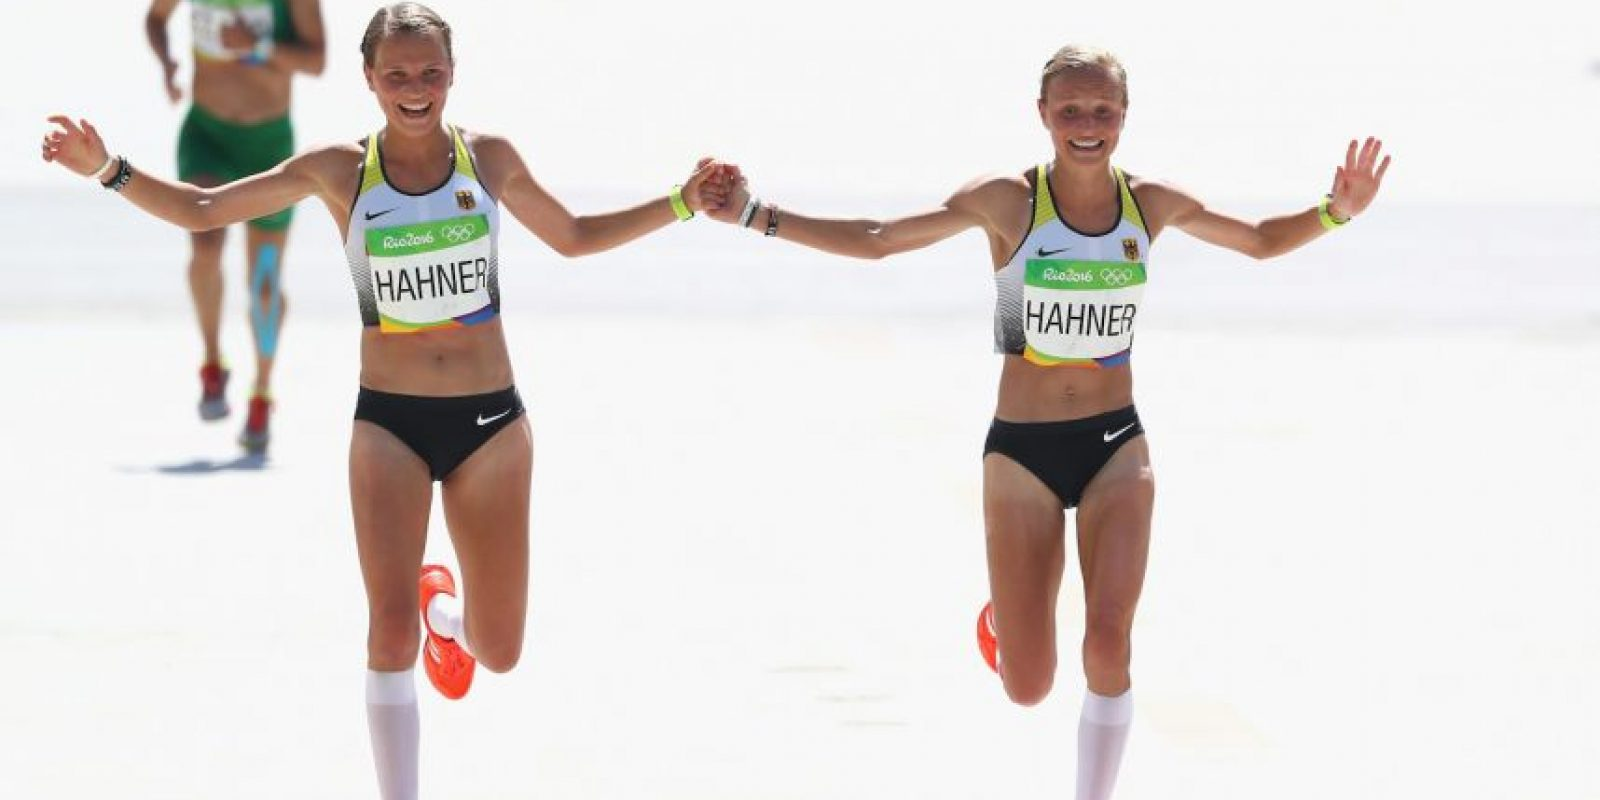 Las mejores imágenes de las redes sociales de las polémicas Lisa y Anna Hahner Foto:Instagram